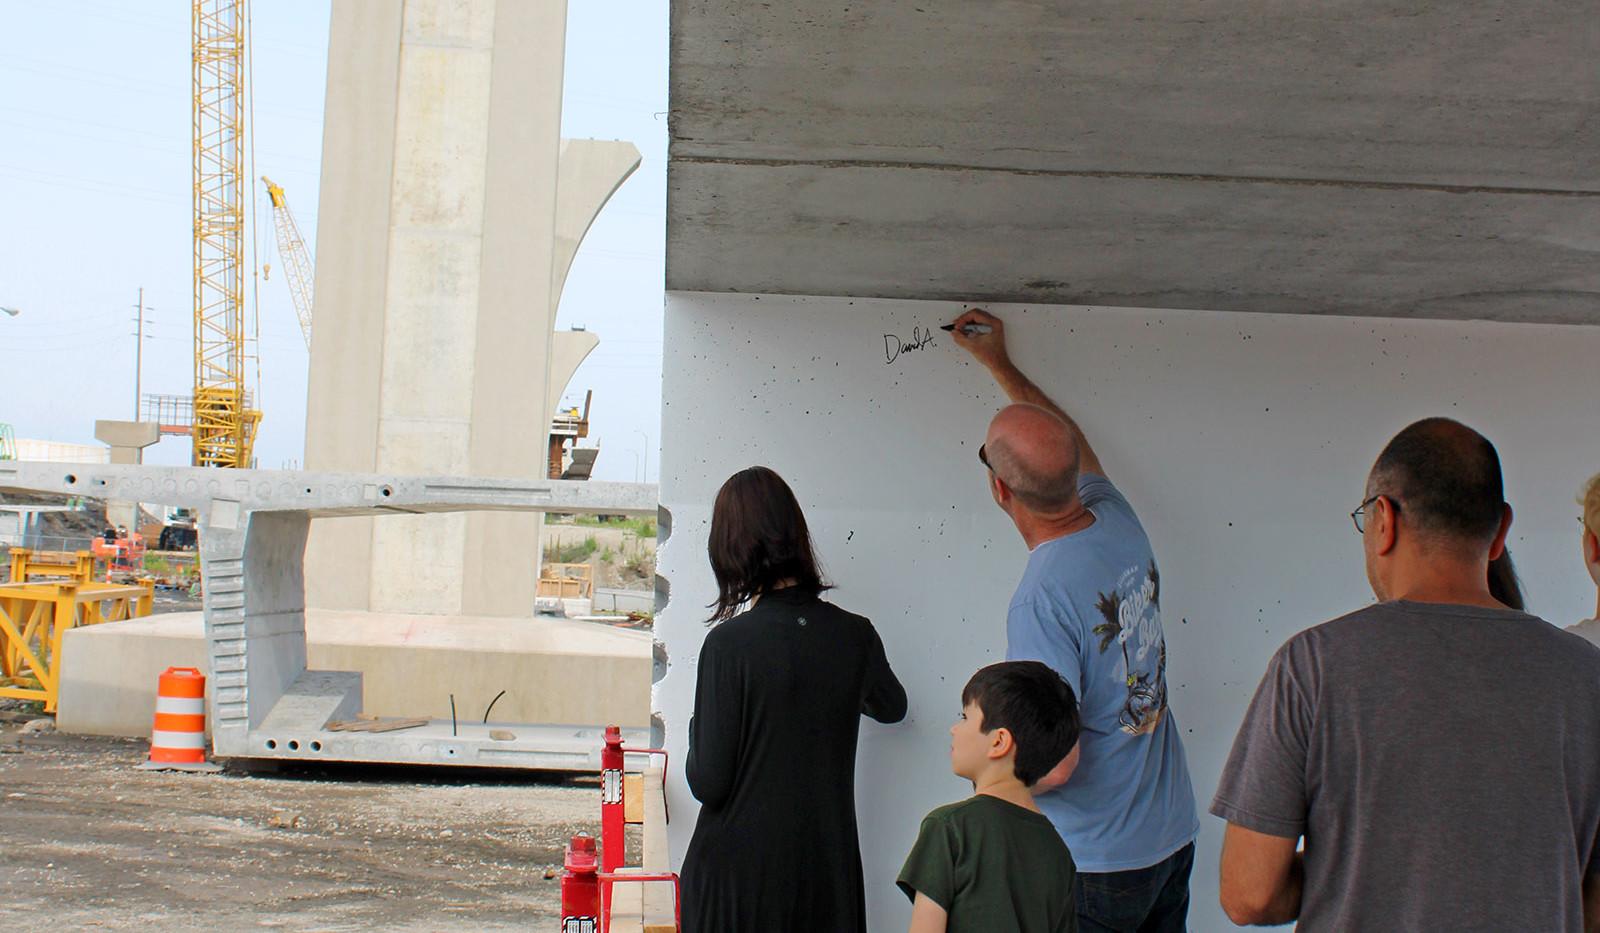 Sidewalk Talks attendees sign a bridge segment.